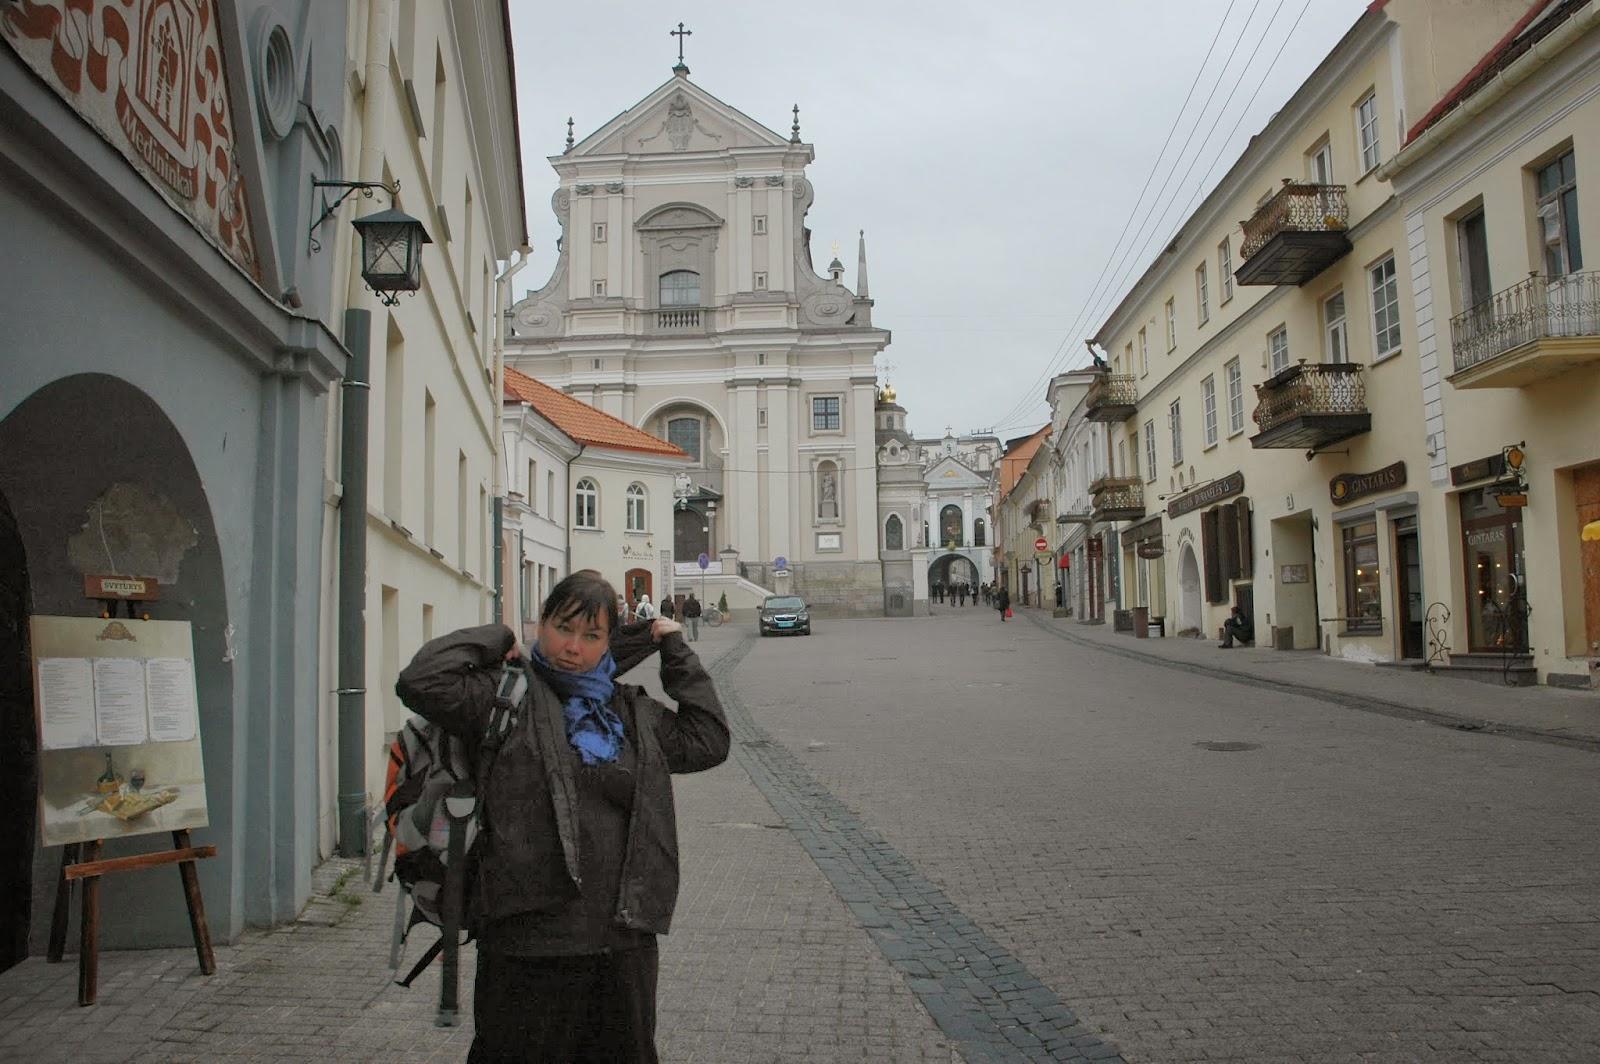 kościół św. Teresy w Wilnie